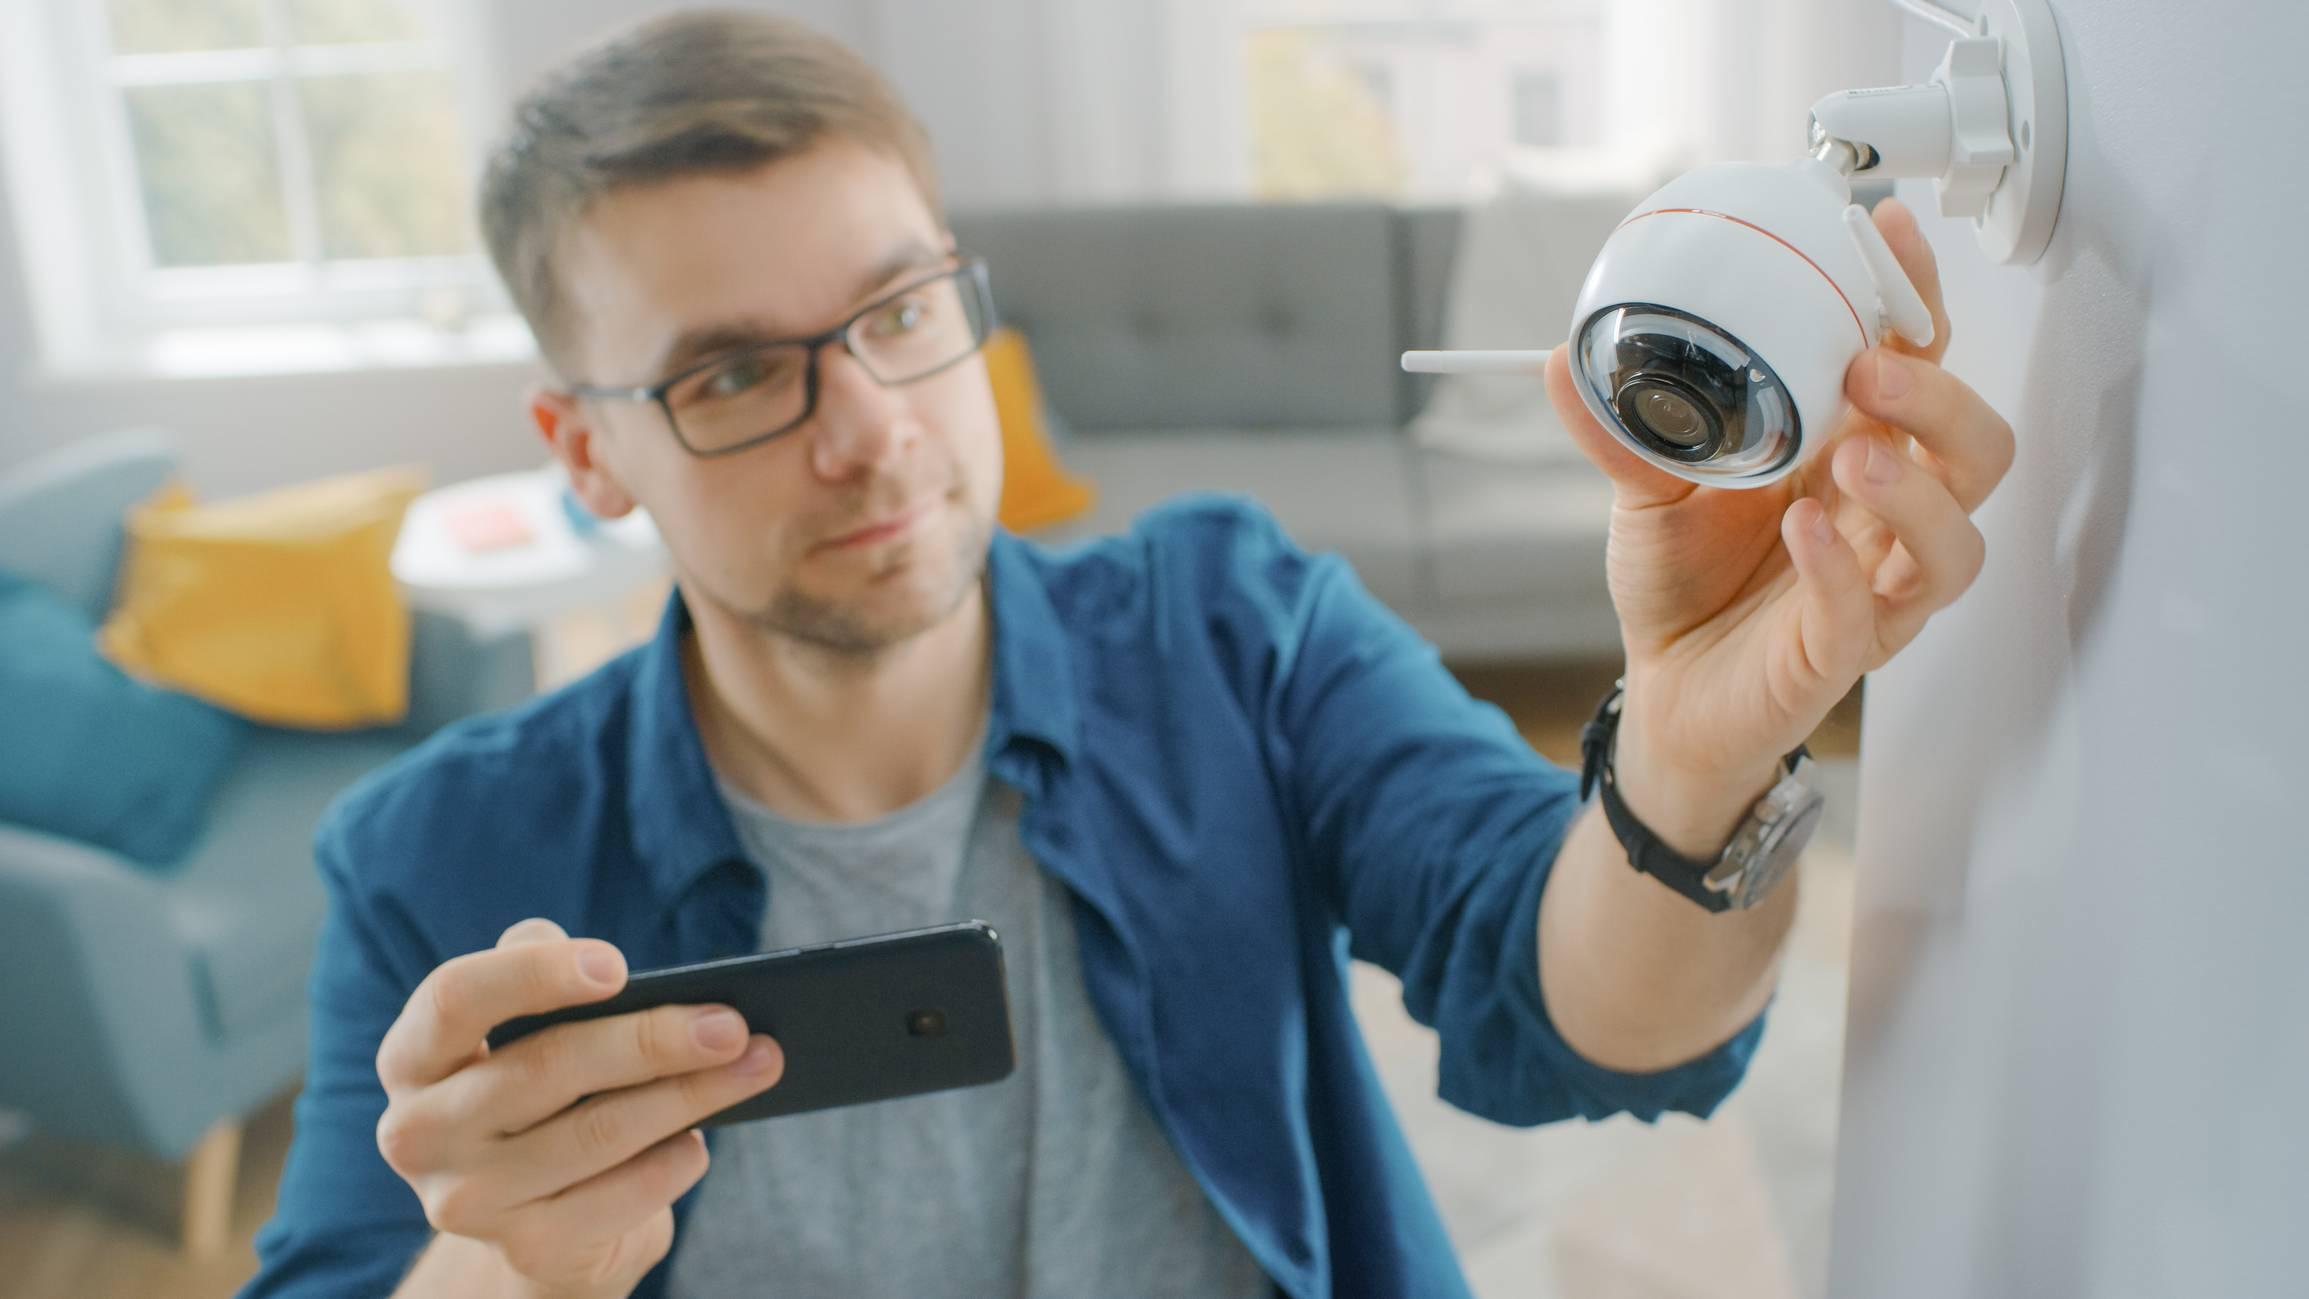 Vidéo surveillance caméra